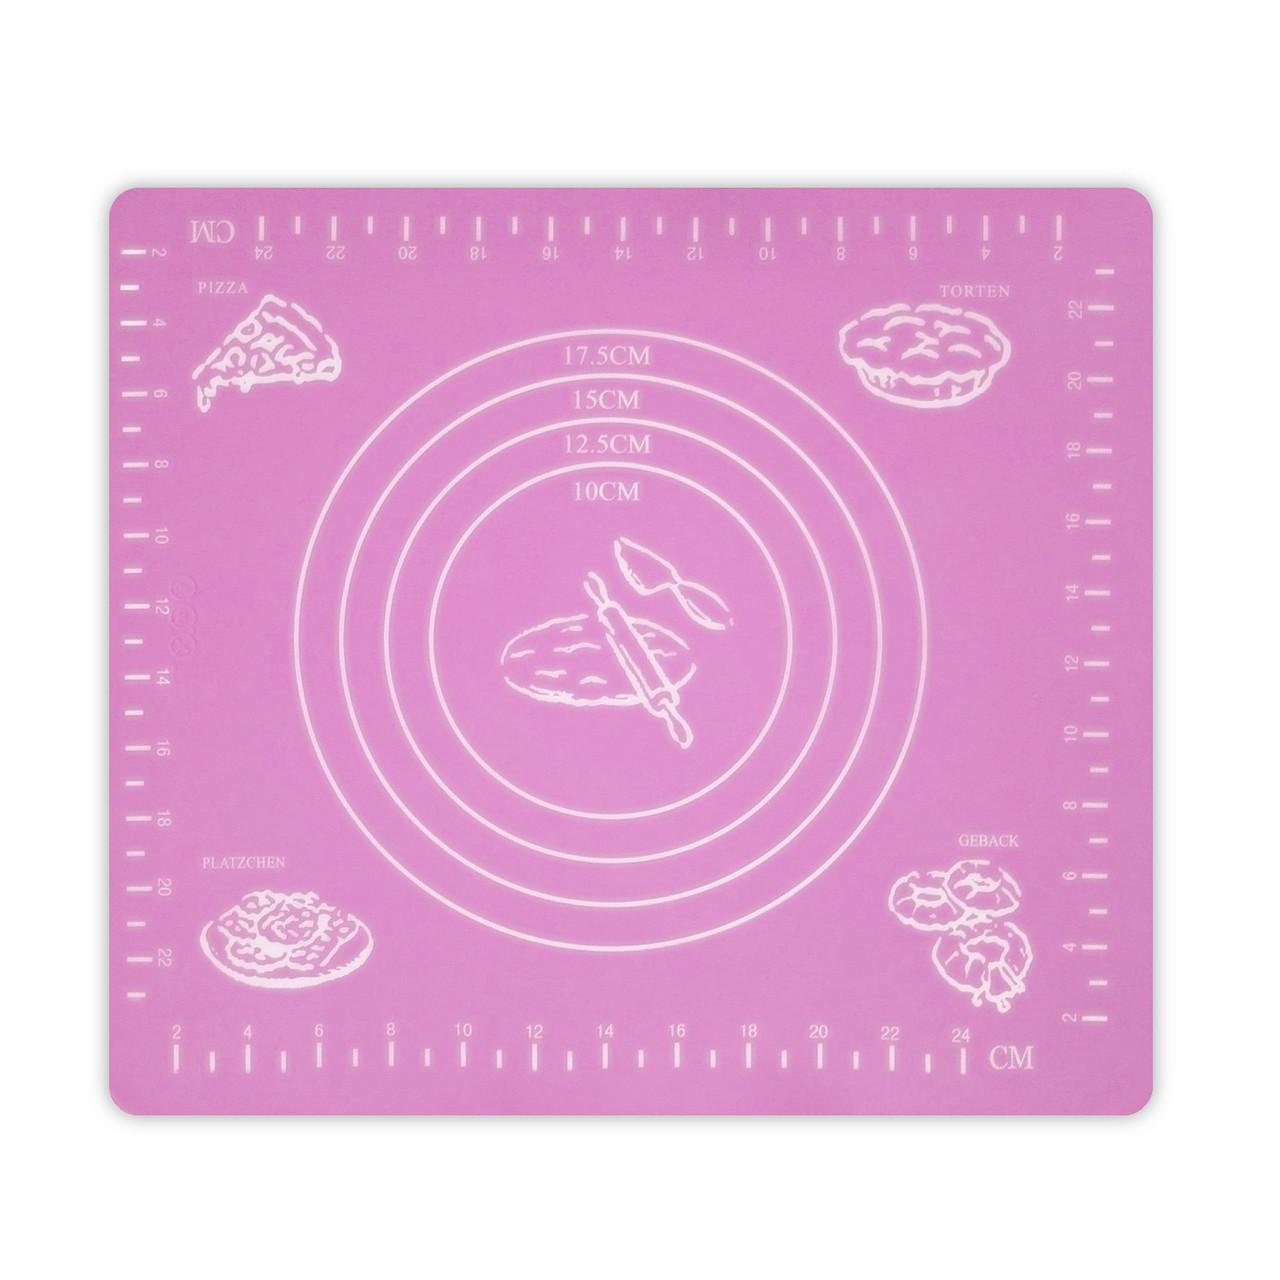 Коврик-подложка для раскатывания теста, 29*26 см (розовый)